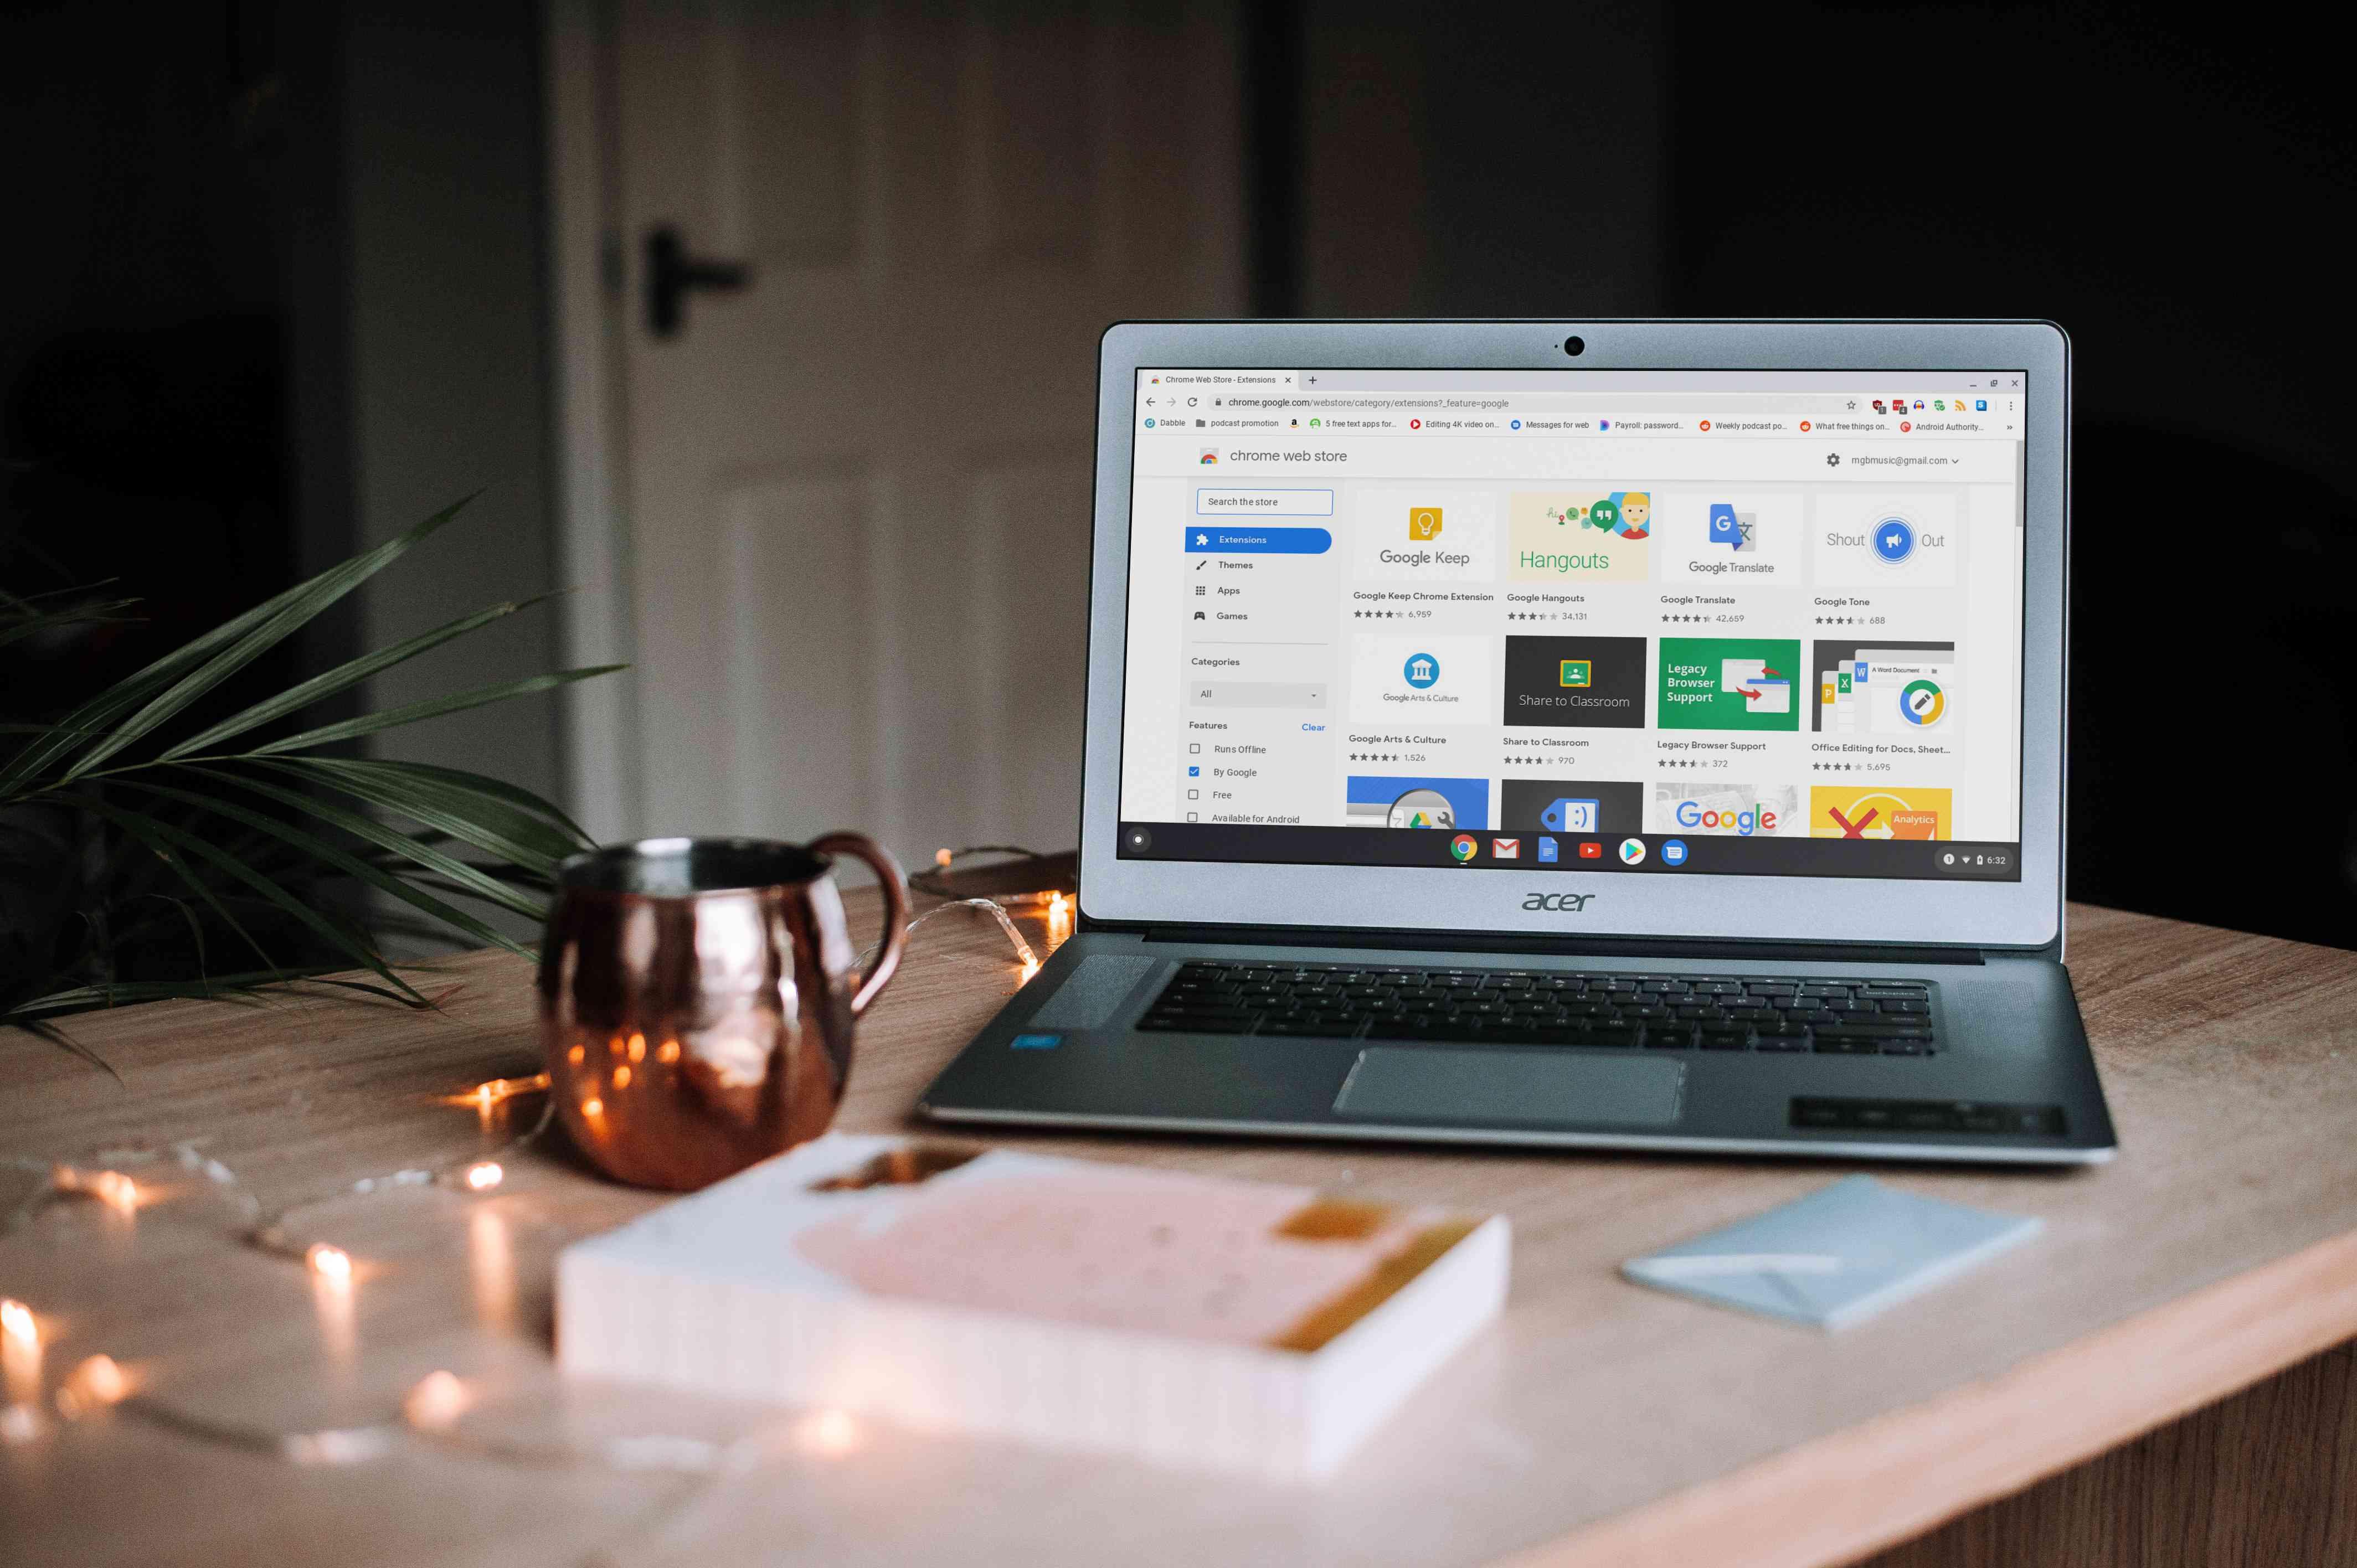 Chromebook on a table with a mug